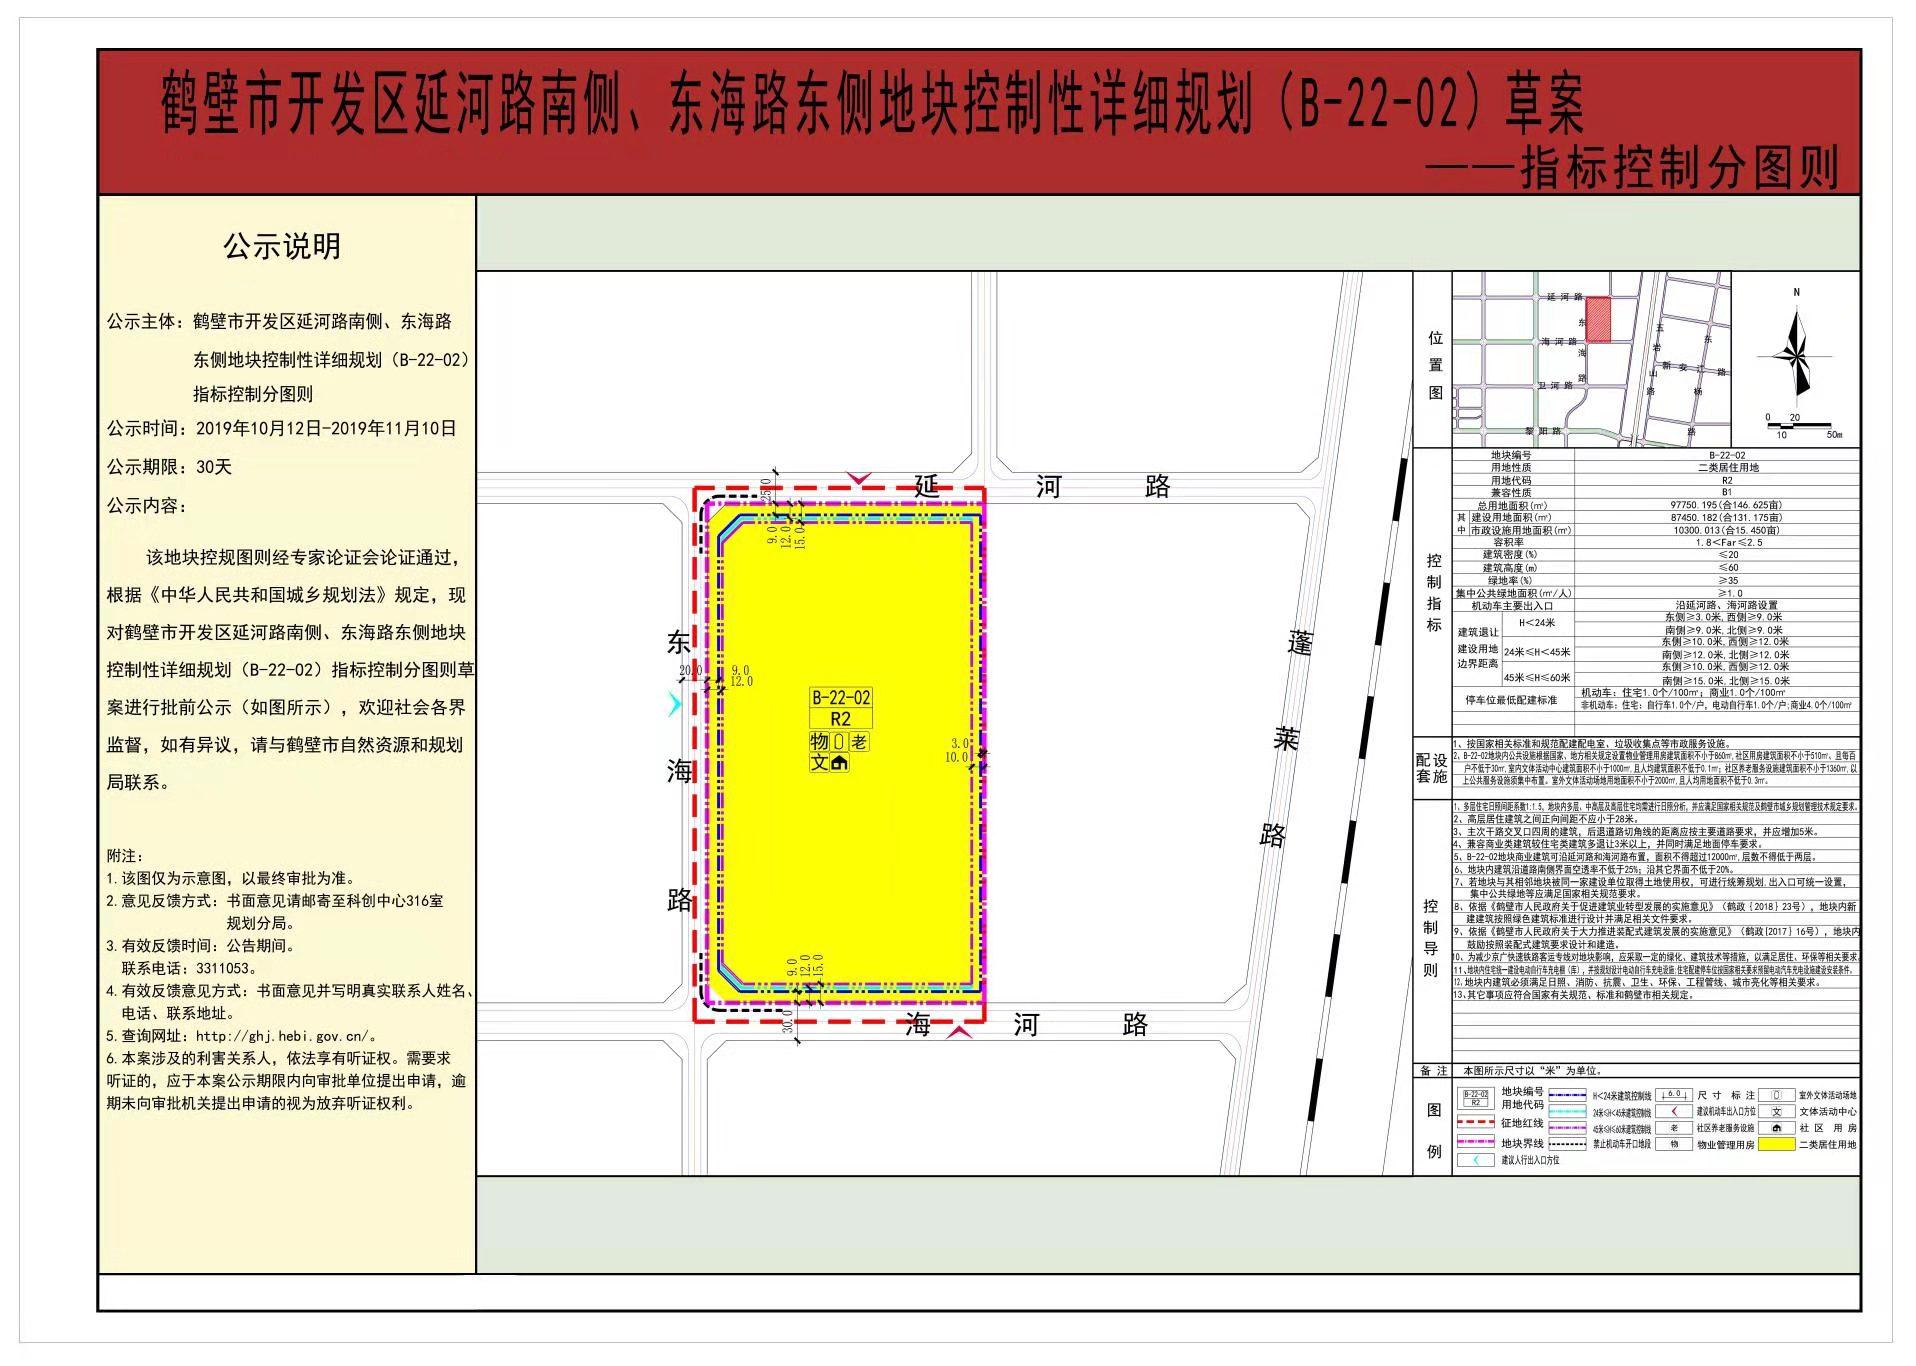 微信图片001.jpg